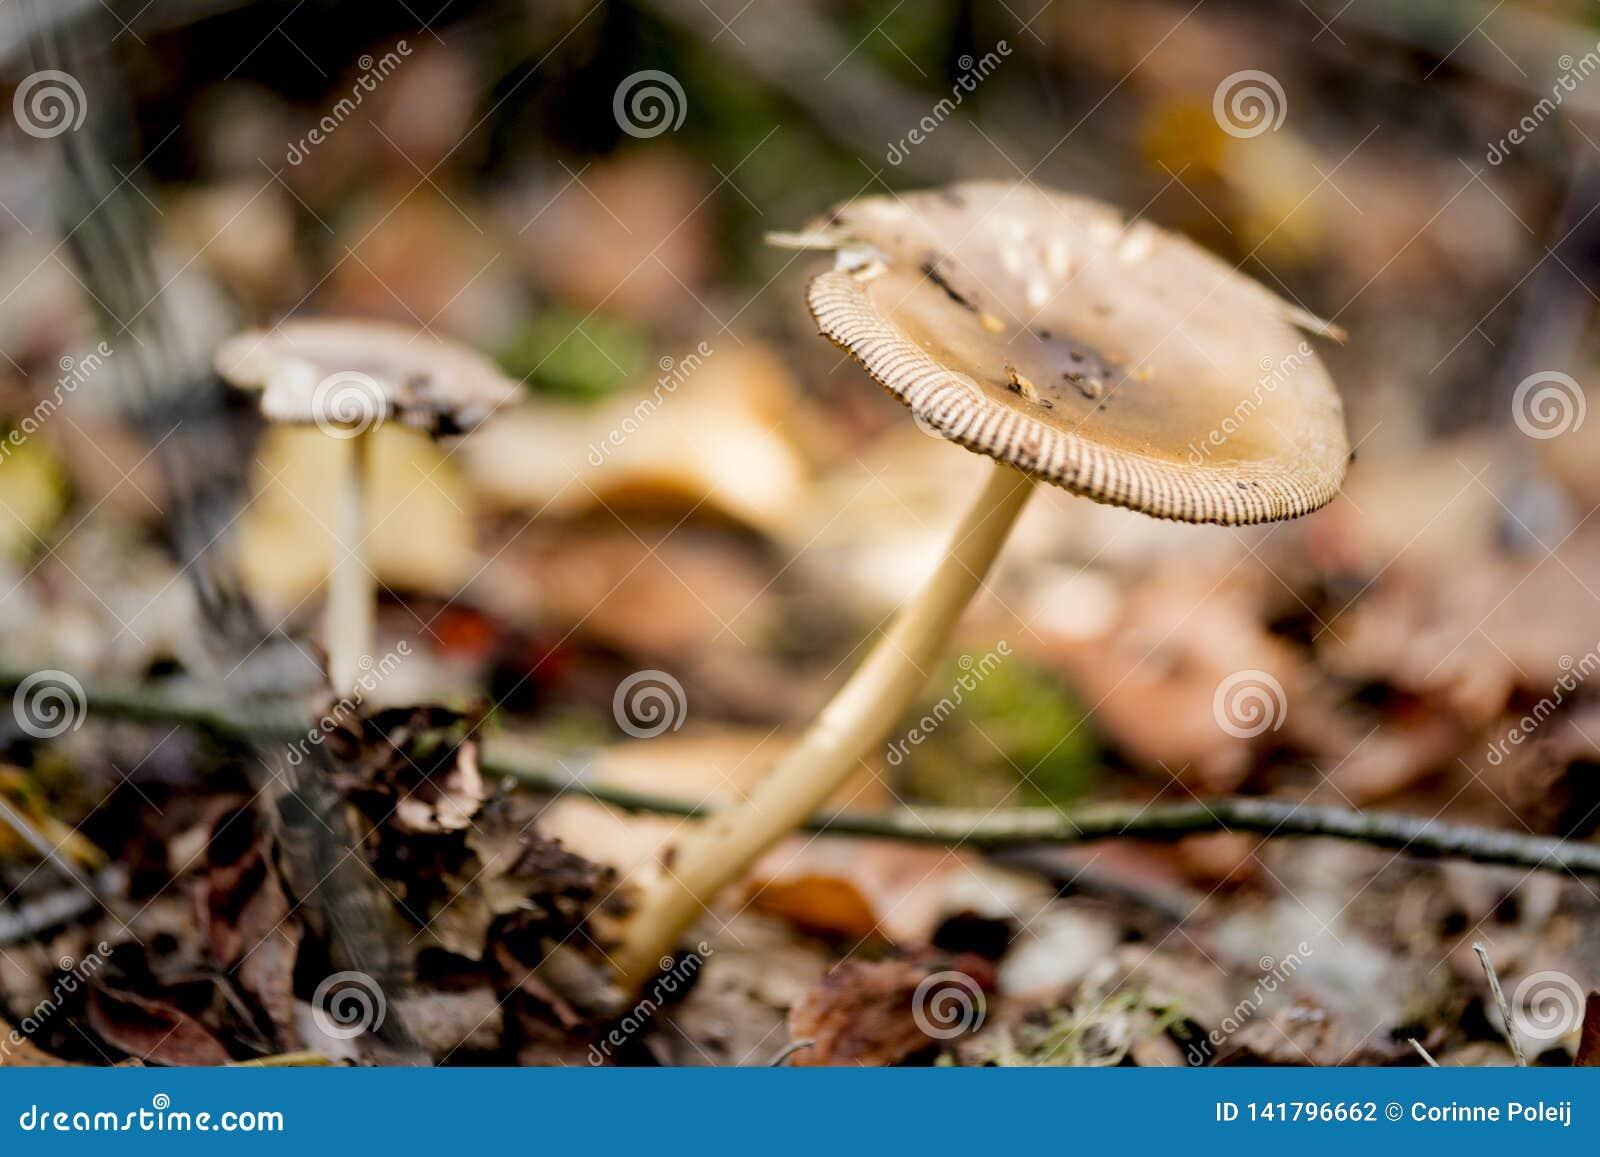 Seta ascendente cercana encontrada en el parque nacional Oisterwijkse Plassen, los Países Bajos